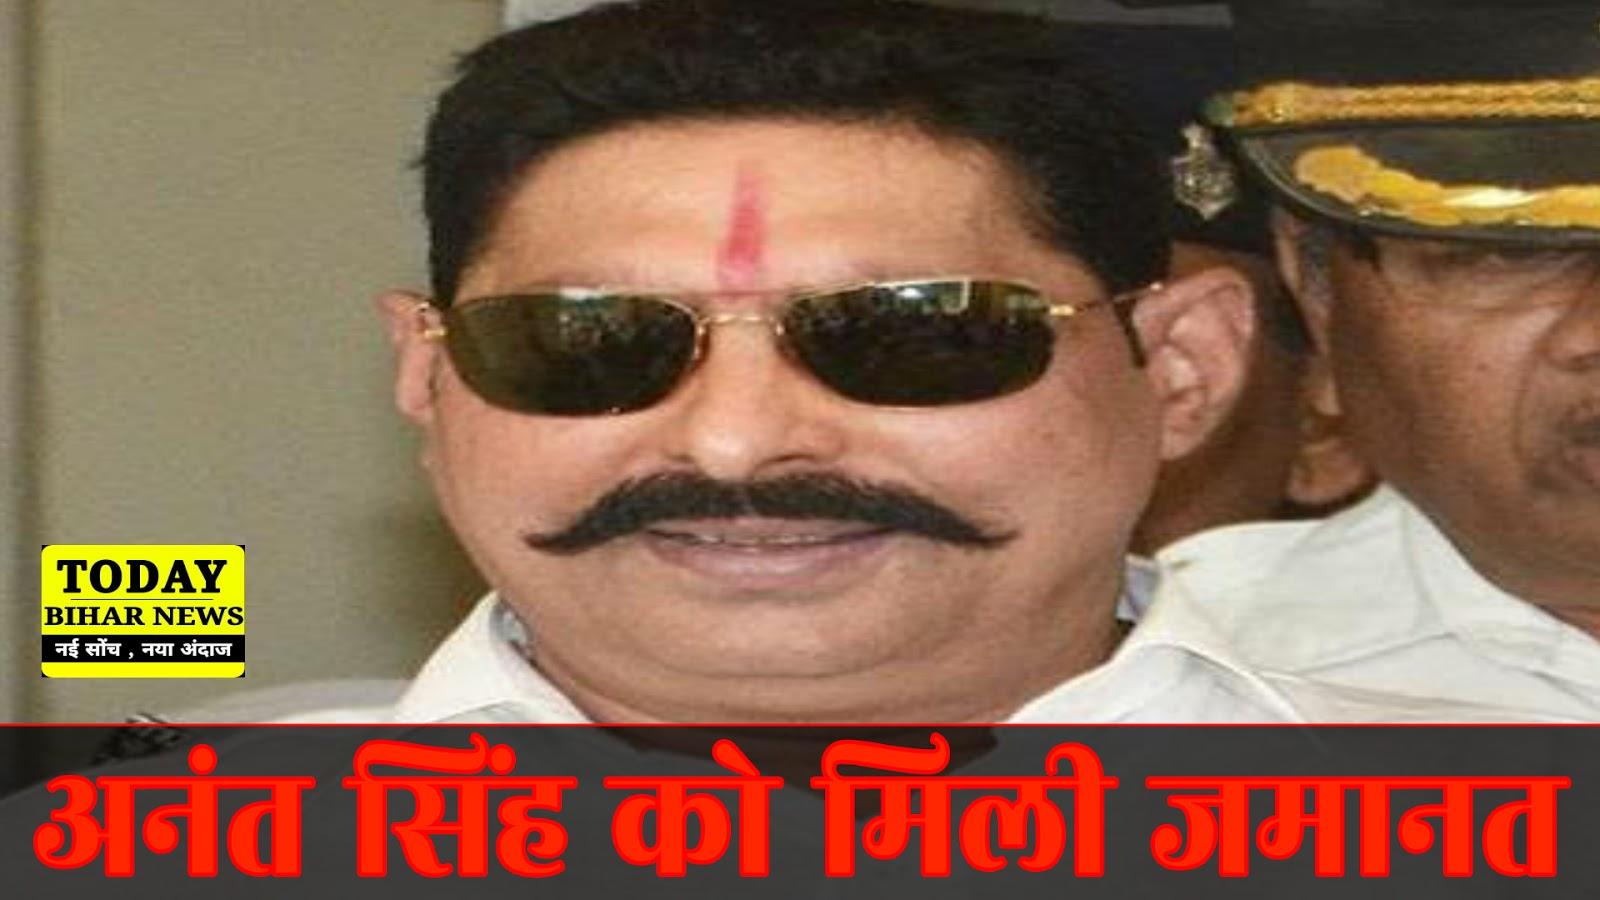 मोकामा विधायक अनंत सिंह को हत्या की साजिश मामले में हाईकोर्ट से जमानत